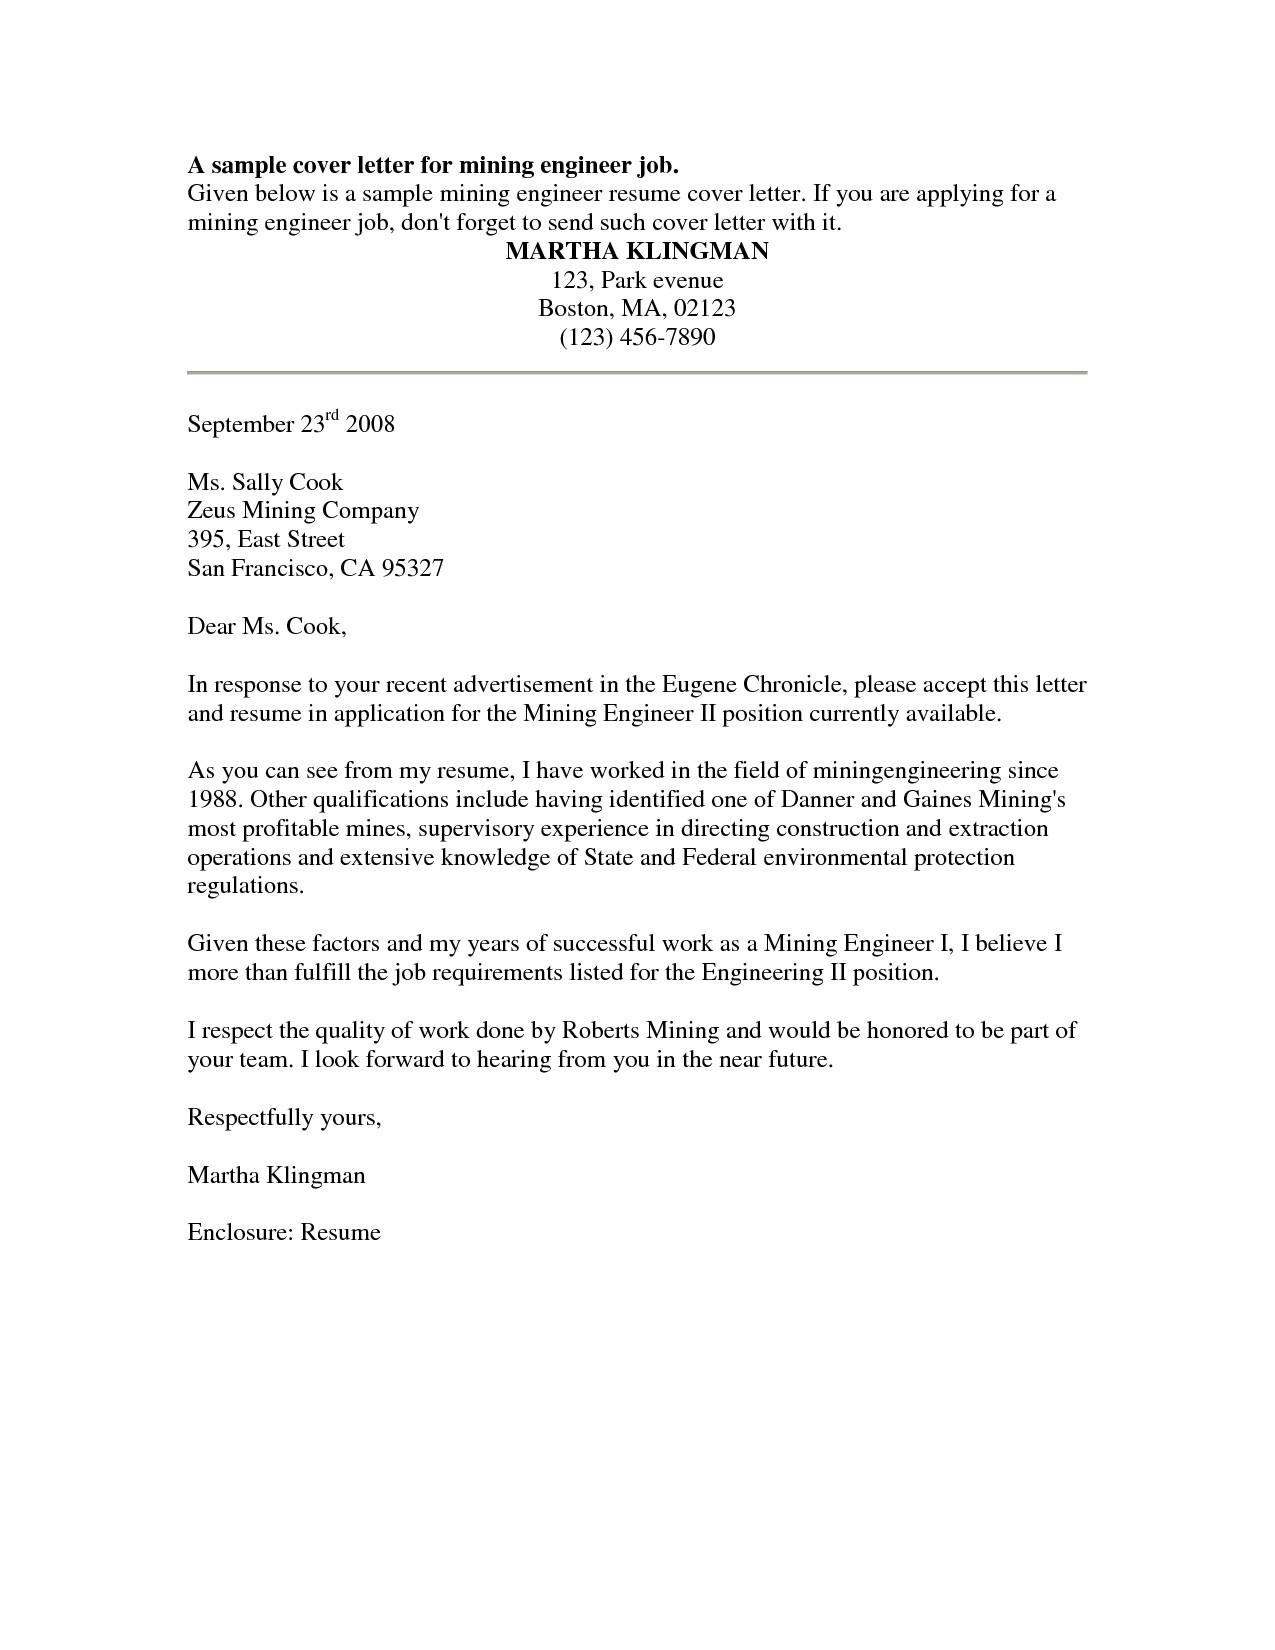 Sample Cover Letter for Job Application Resume Cover Letter Sample Free Sample Job Cover Letter for